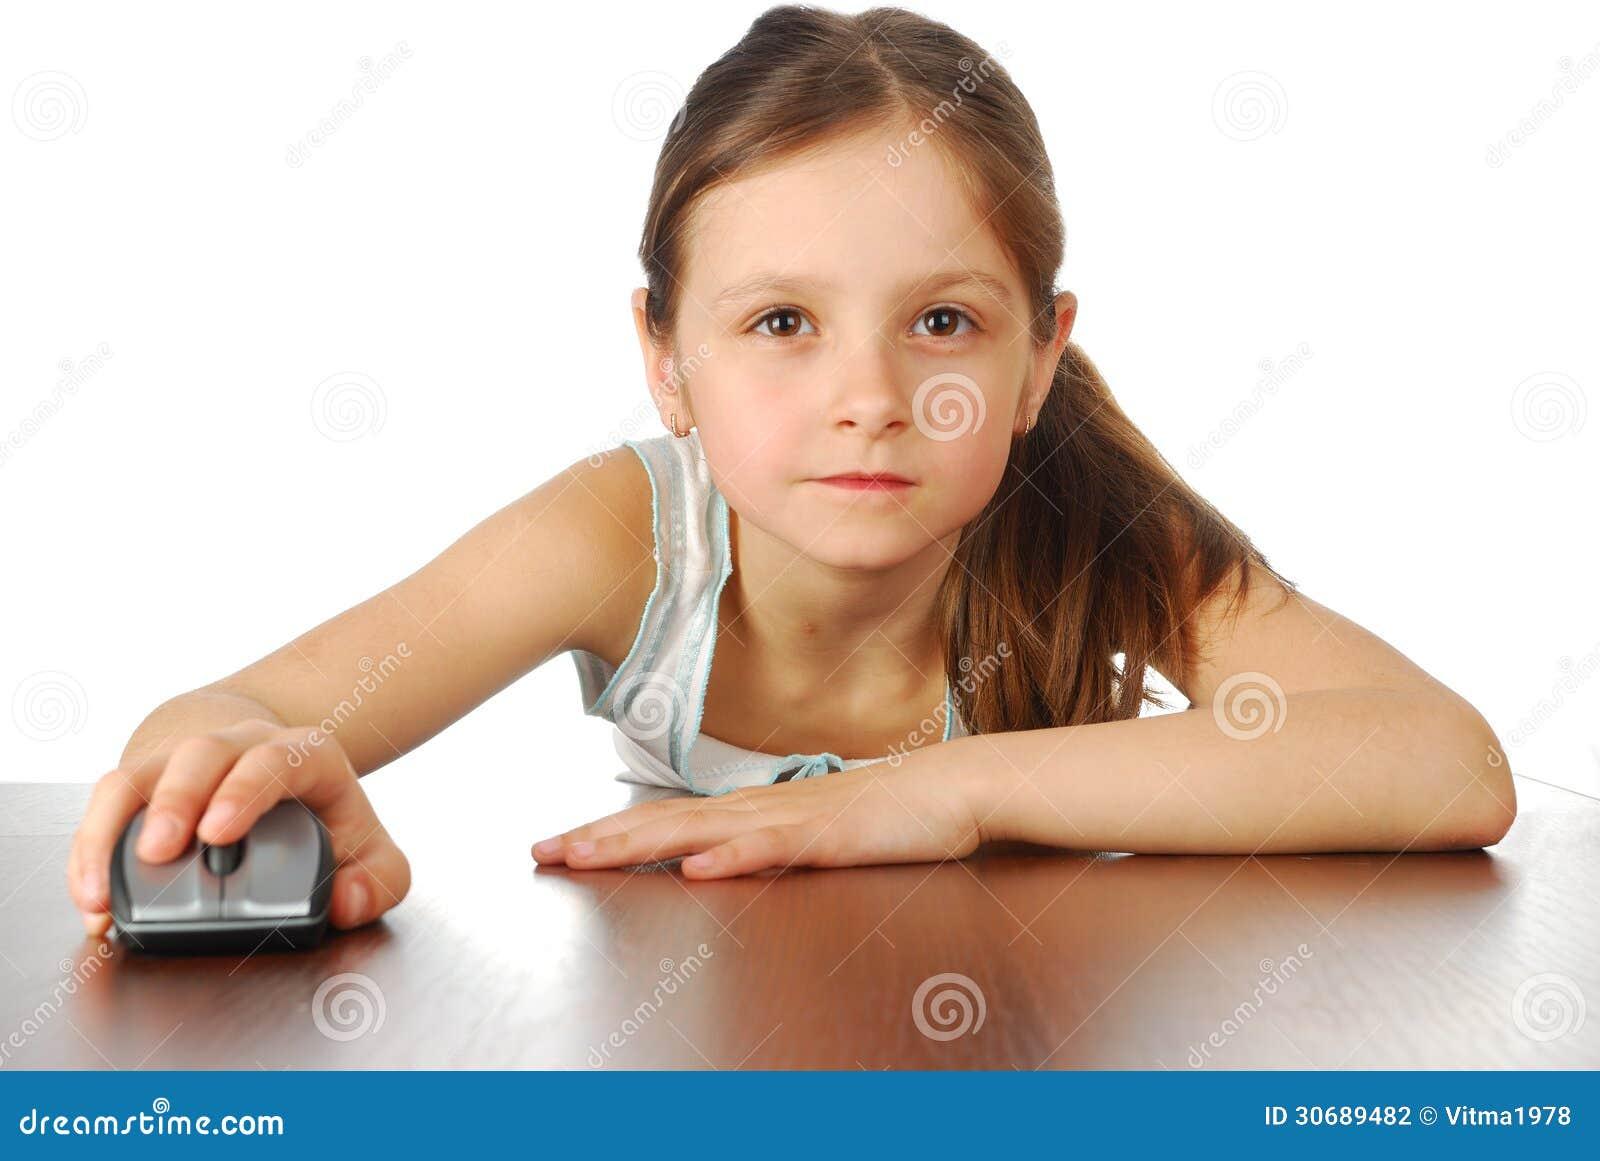 fille avec sa souris d 39 ordinateur photographie stock image 30689482. Black Bedroom Furniture Sets. Home Design Ideas